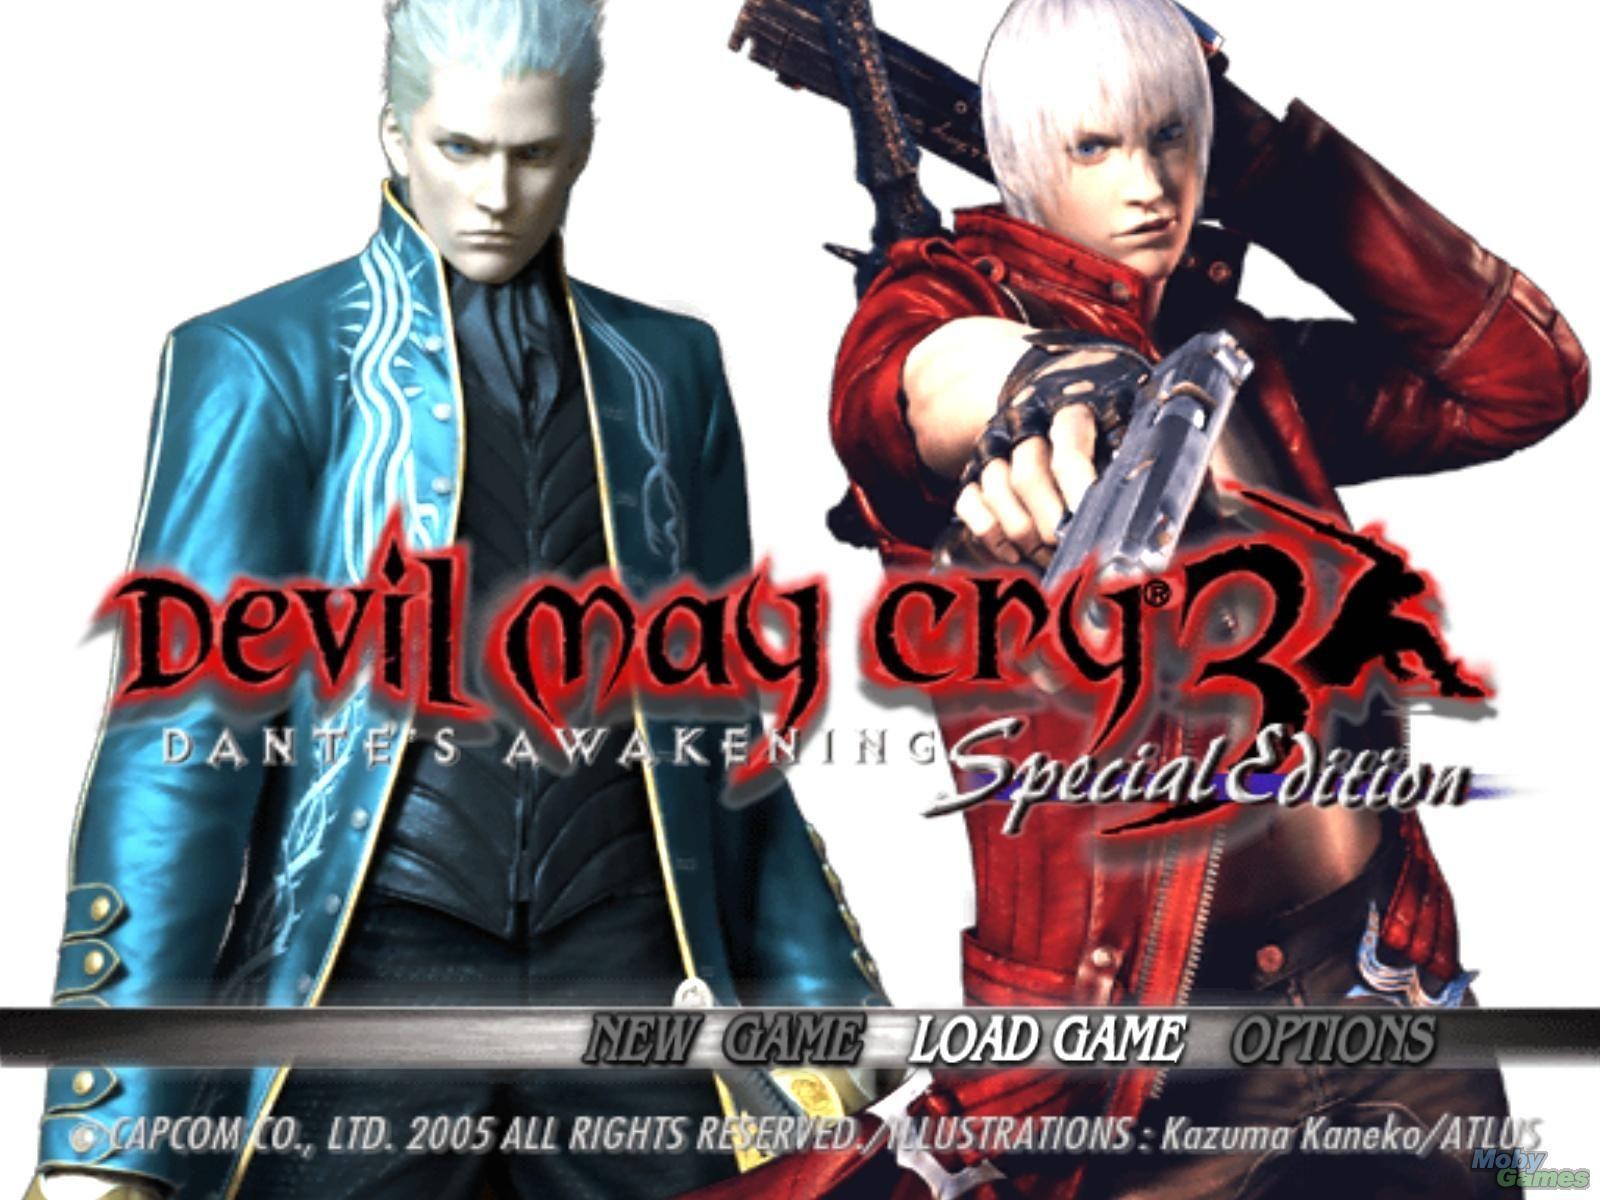 ¿Por qué Capcom publicó una edición especial de Devil May Cry 3?